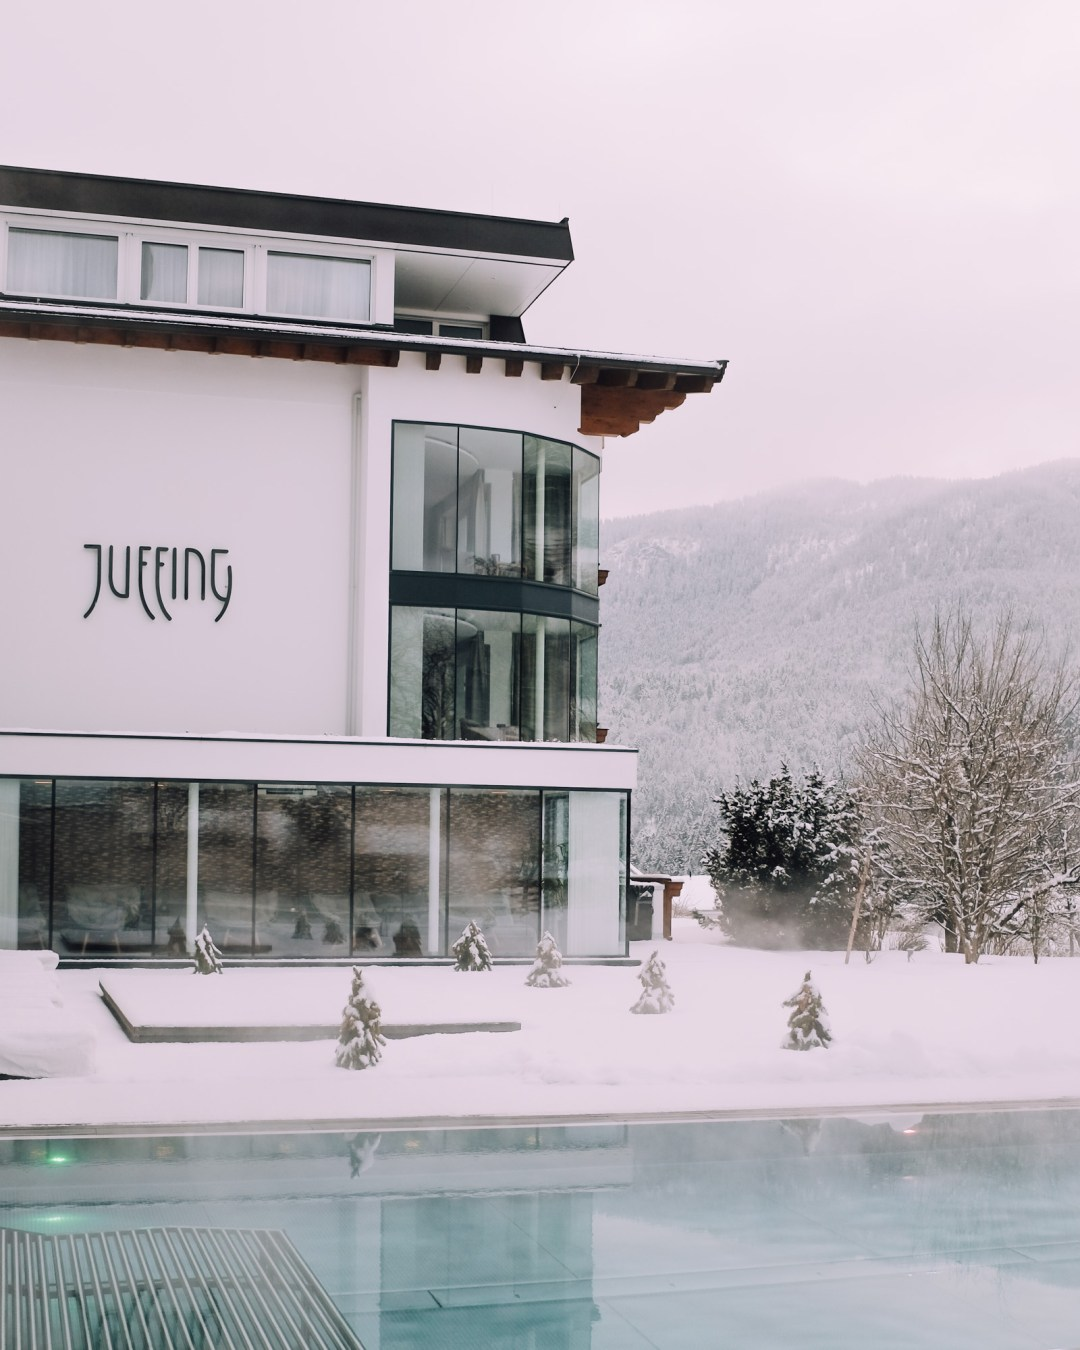 Inastil, Juffing, Hinterthiersee, Wellnesshotel, Spa, Tirol, Winterurlaub, Wellnessurlaub, Winterwonderland, Kurzurlaub, Auszeit, Natur, Ü50Blogger, Reiseblogger,_-31